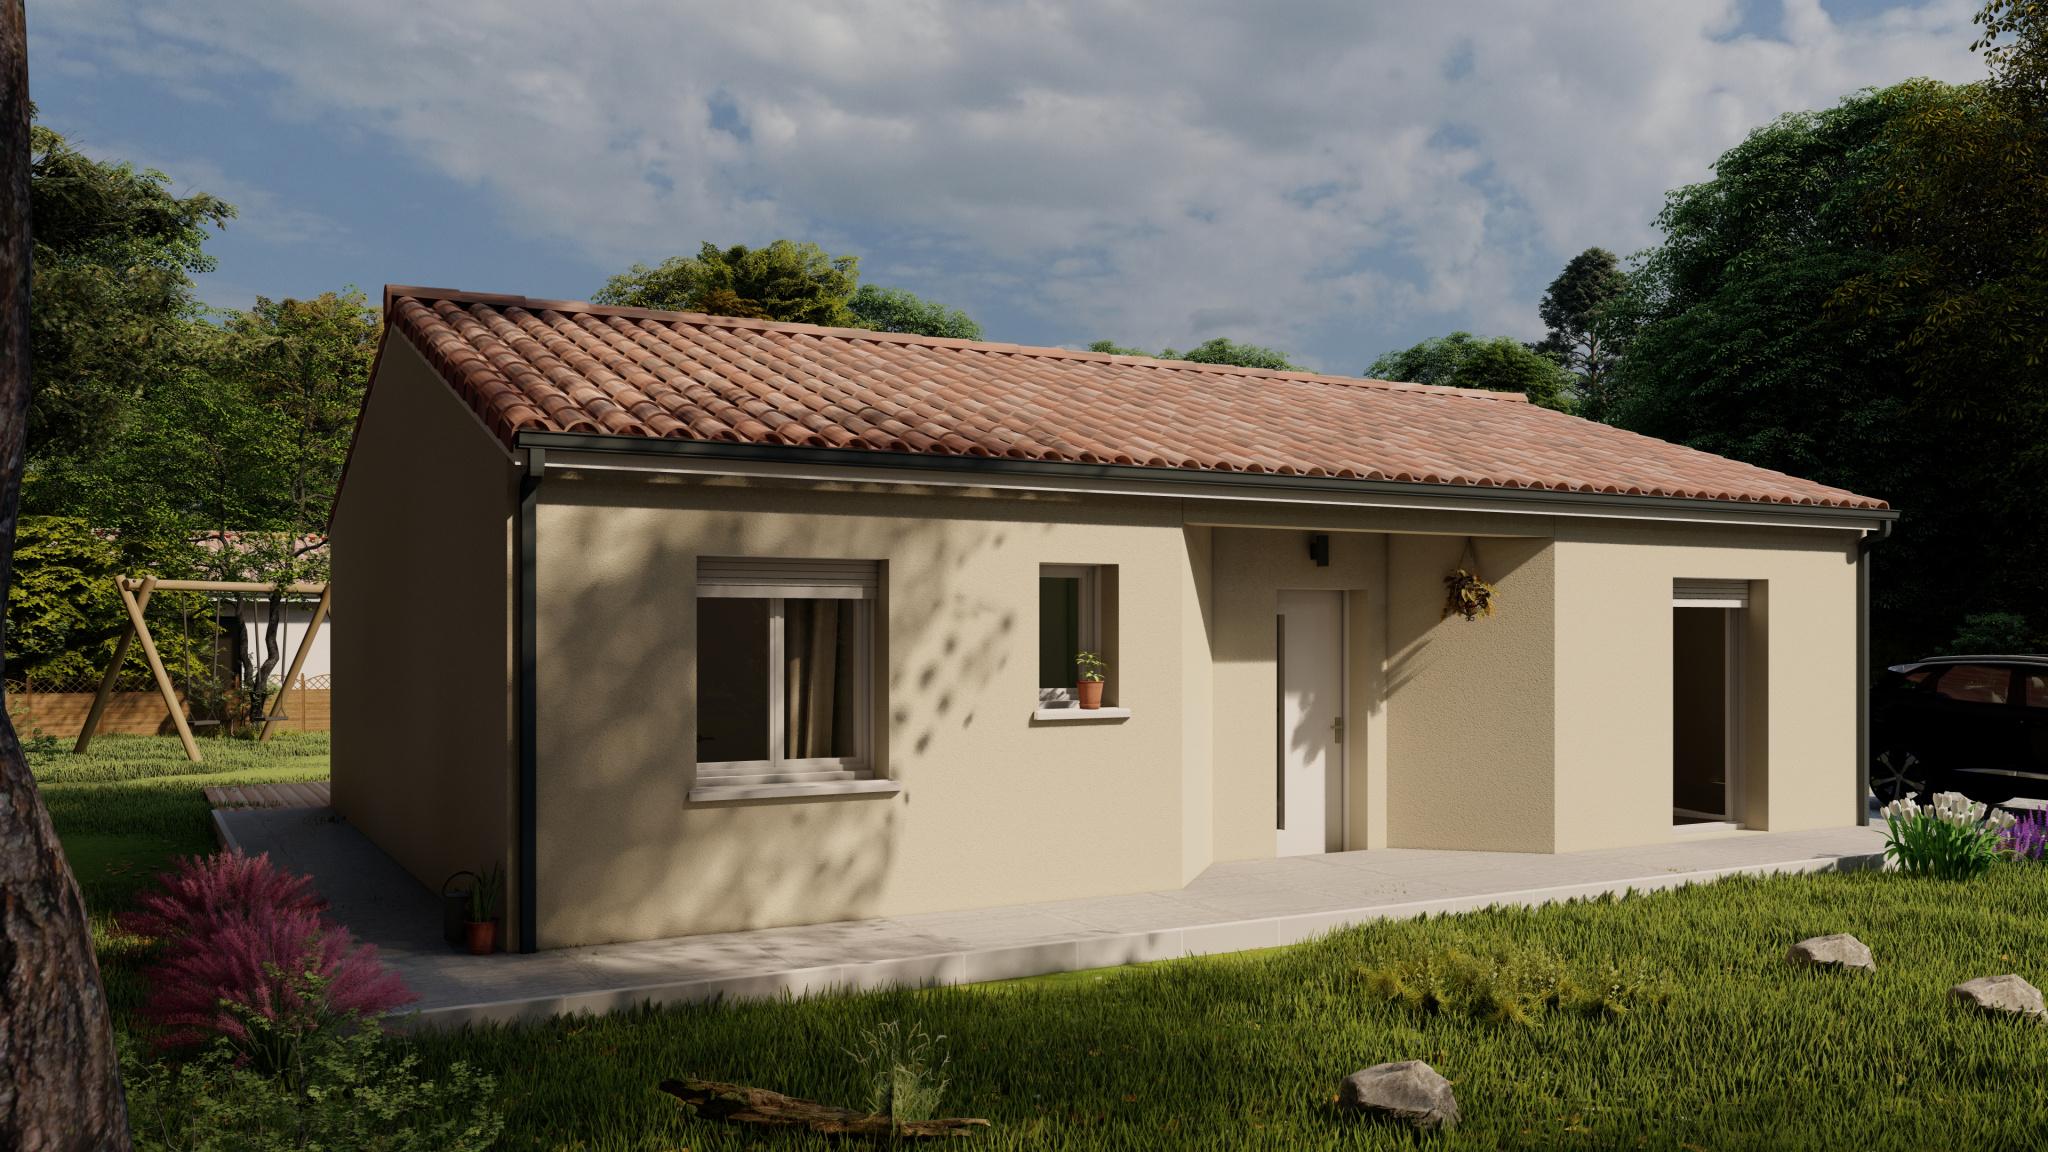 Vente maison à Bas mauco (40500) de 80 m2 habitable sur terrain de 690 m2